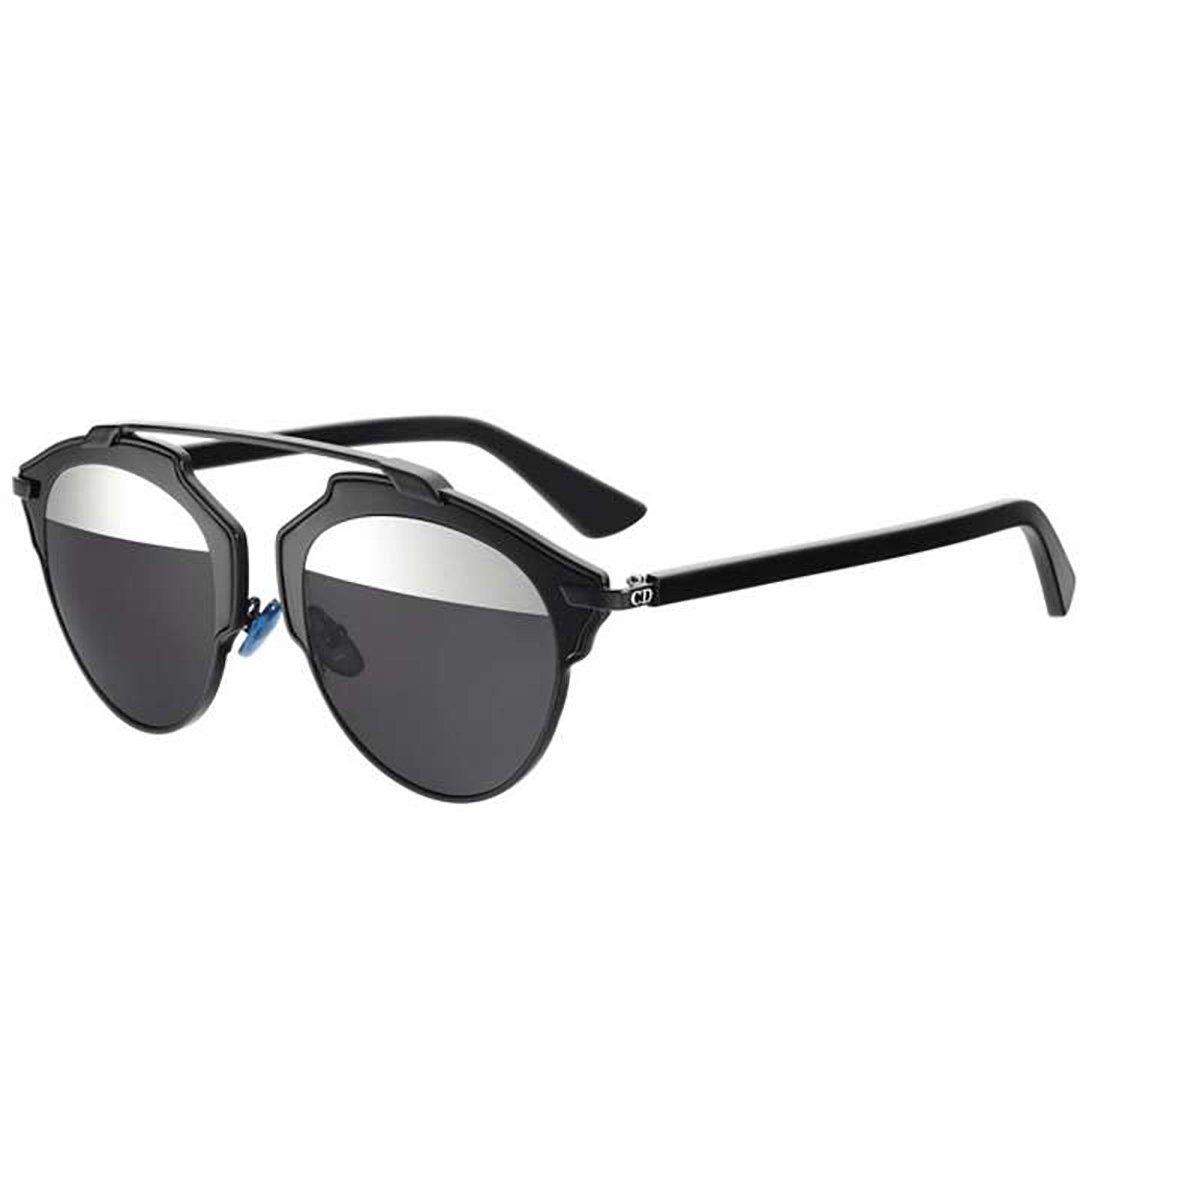 Óculos De Sol Dior Soreal App 48-dc - R  2.266,20 em Mercado Livre 015d6a65a084